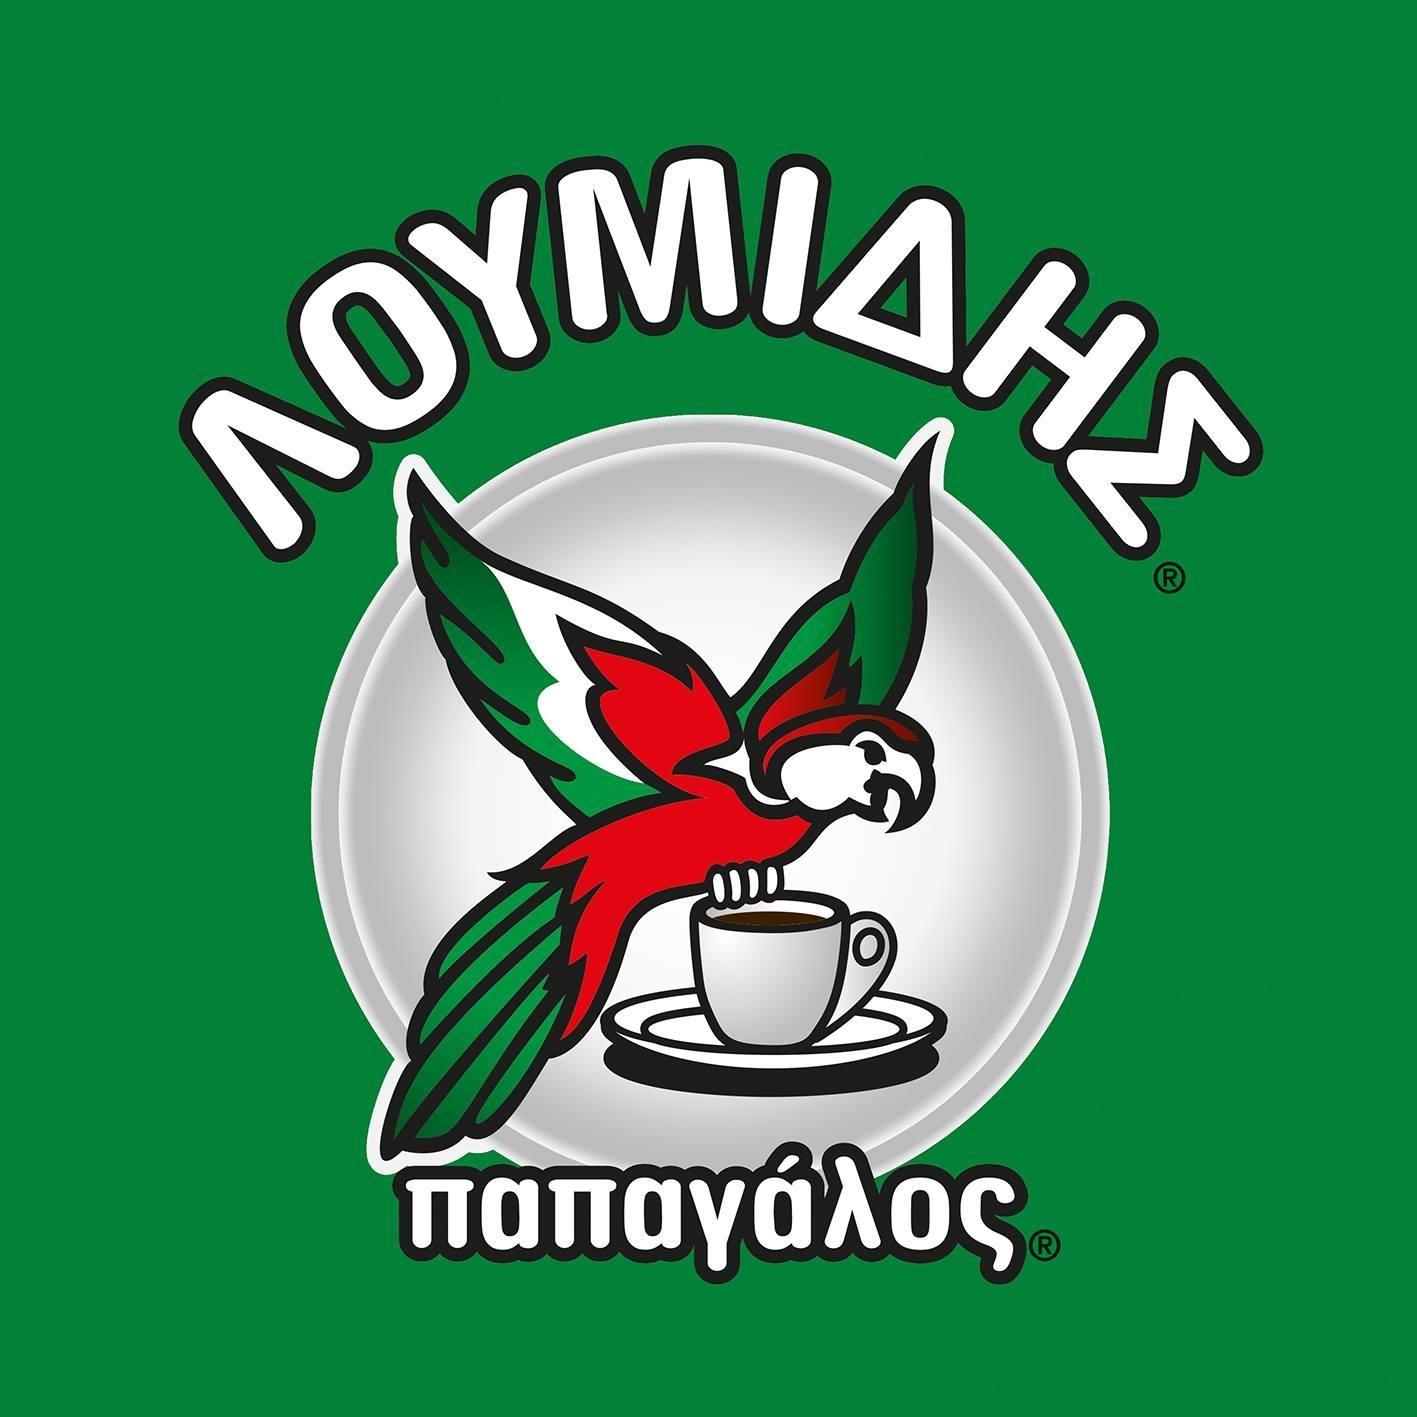 loumidis_logo